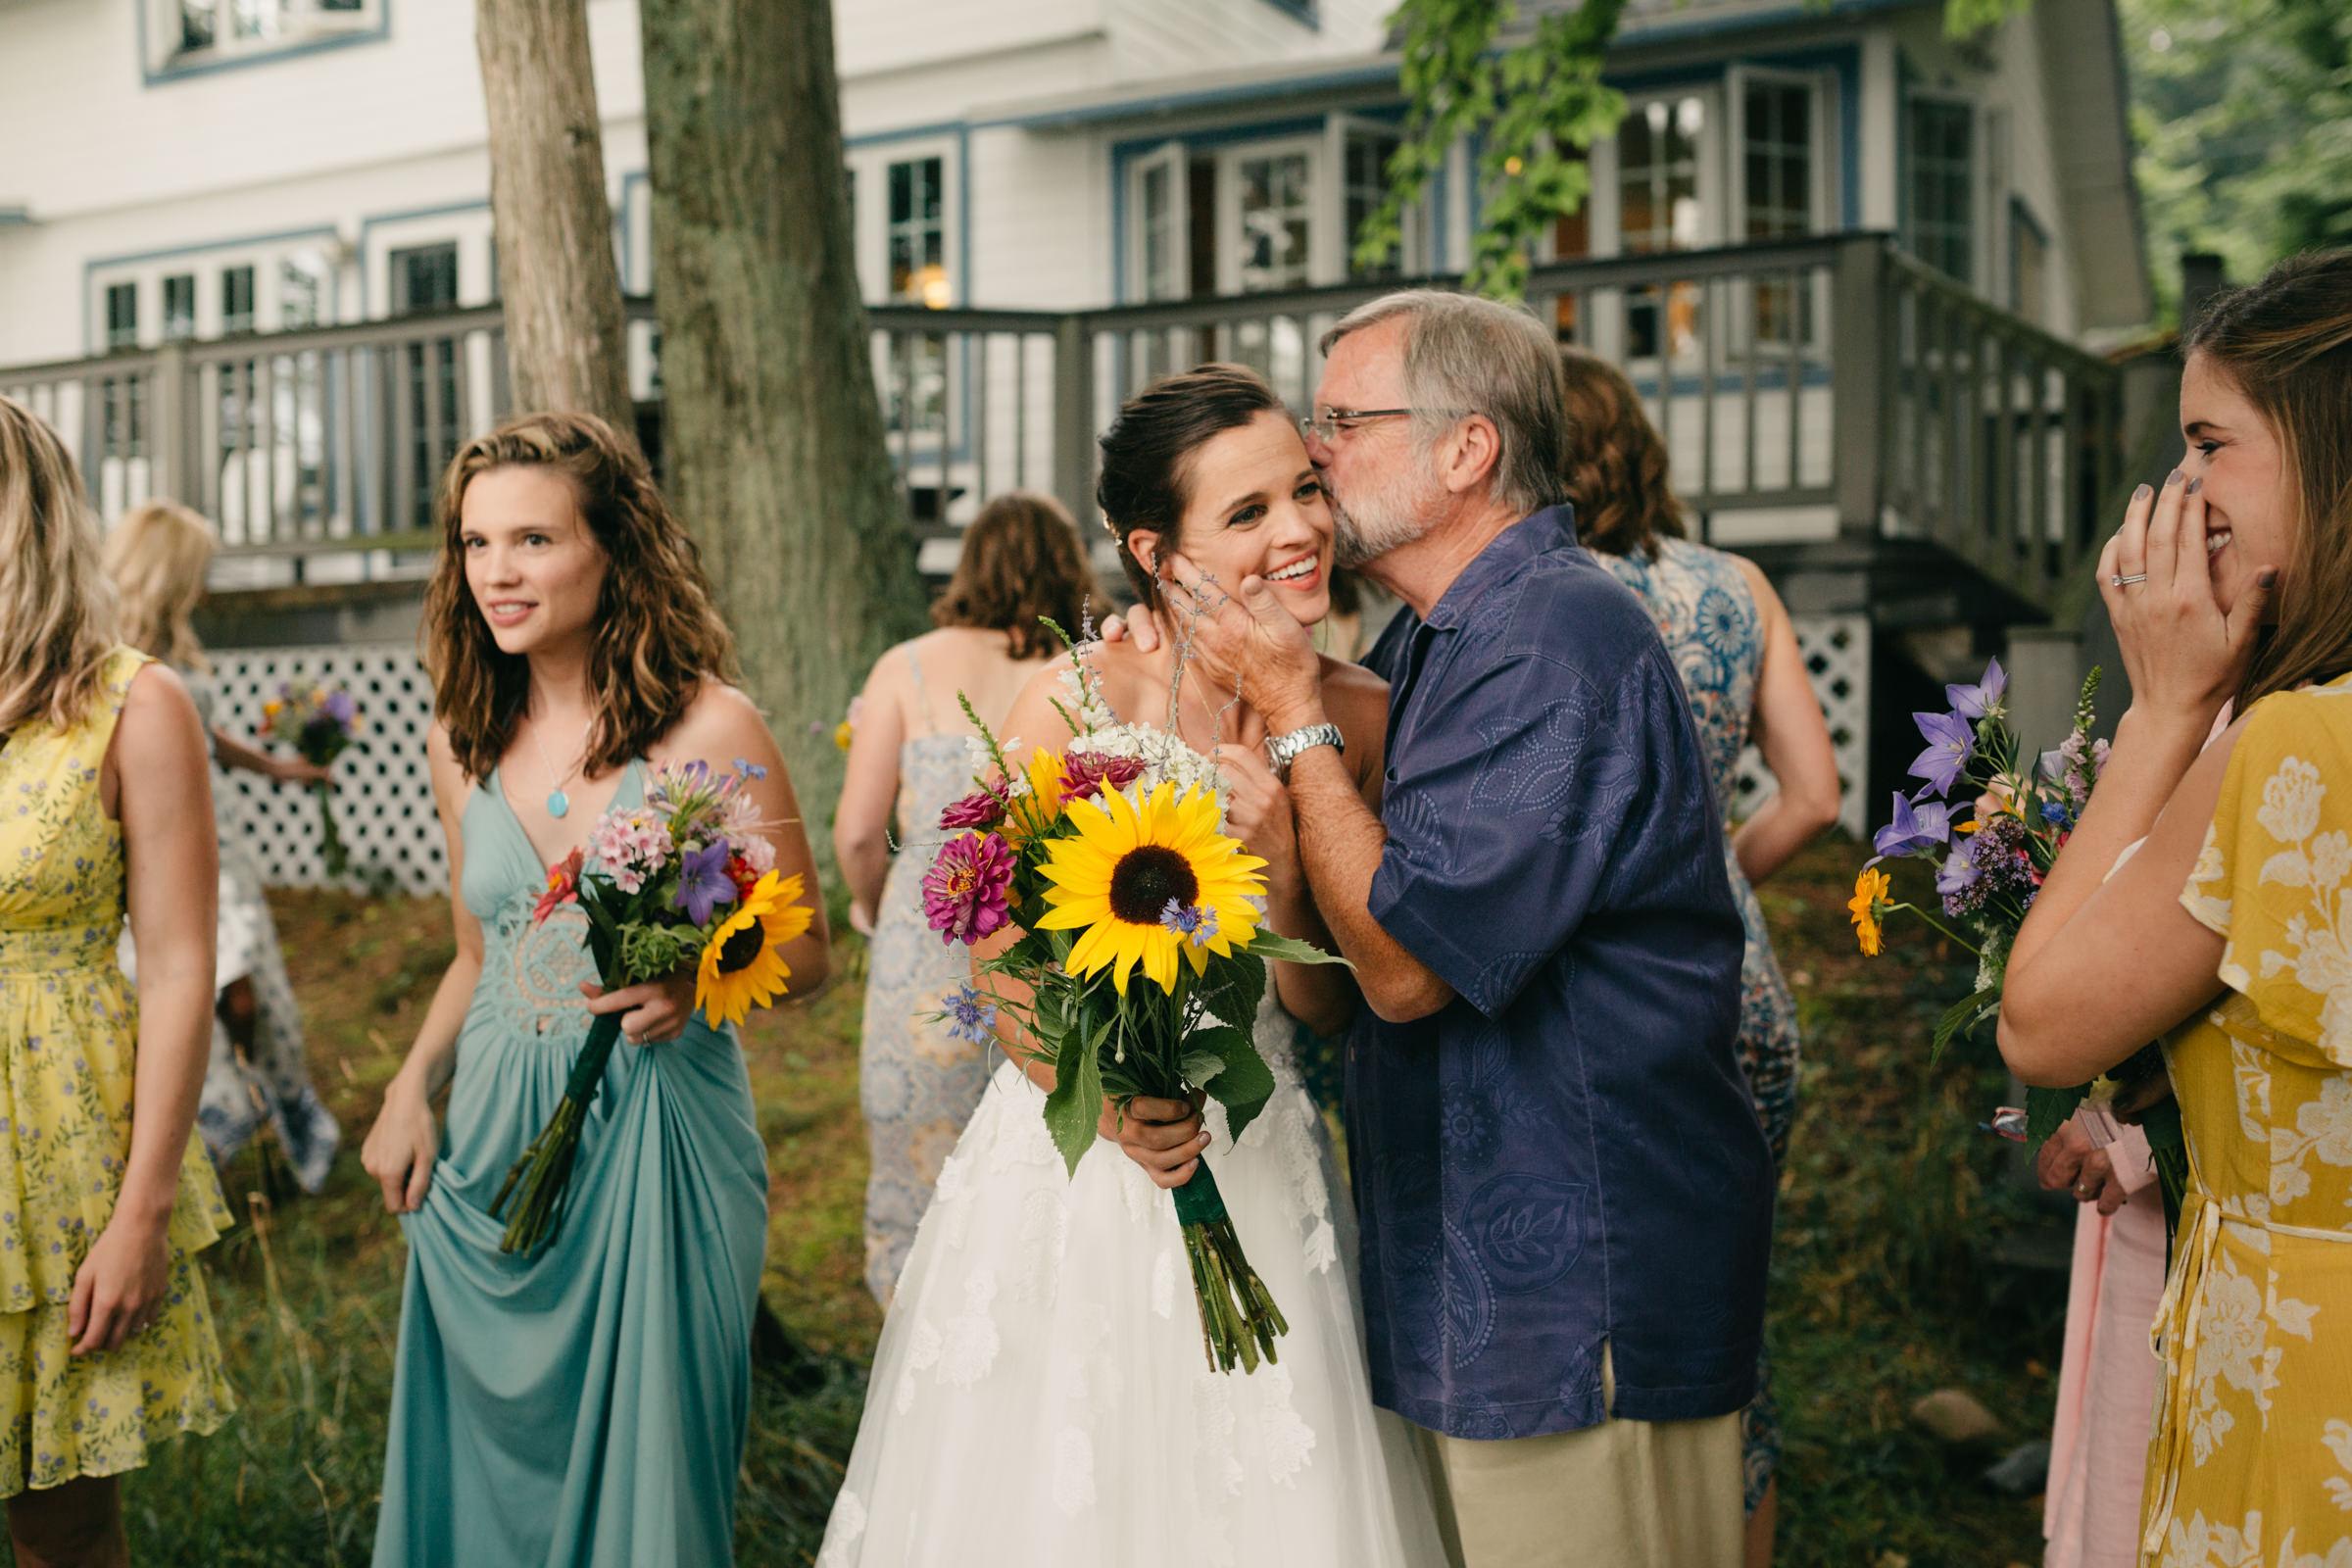 Lake_Michigan_wedding-28.jpg